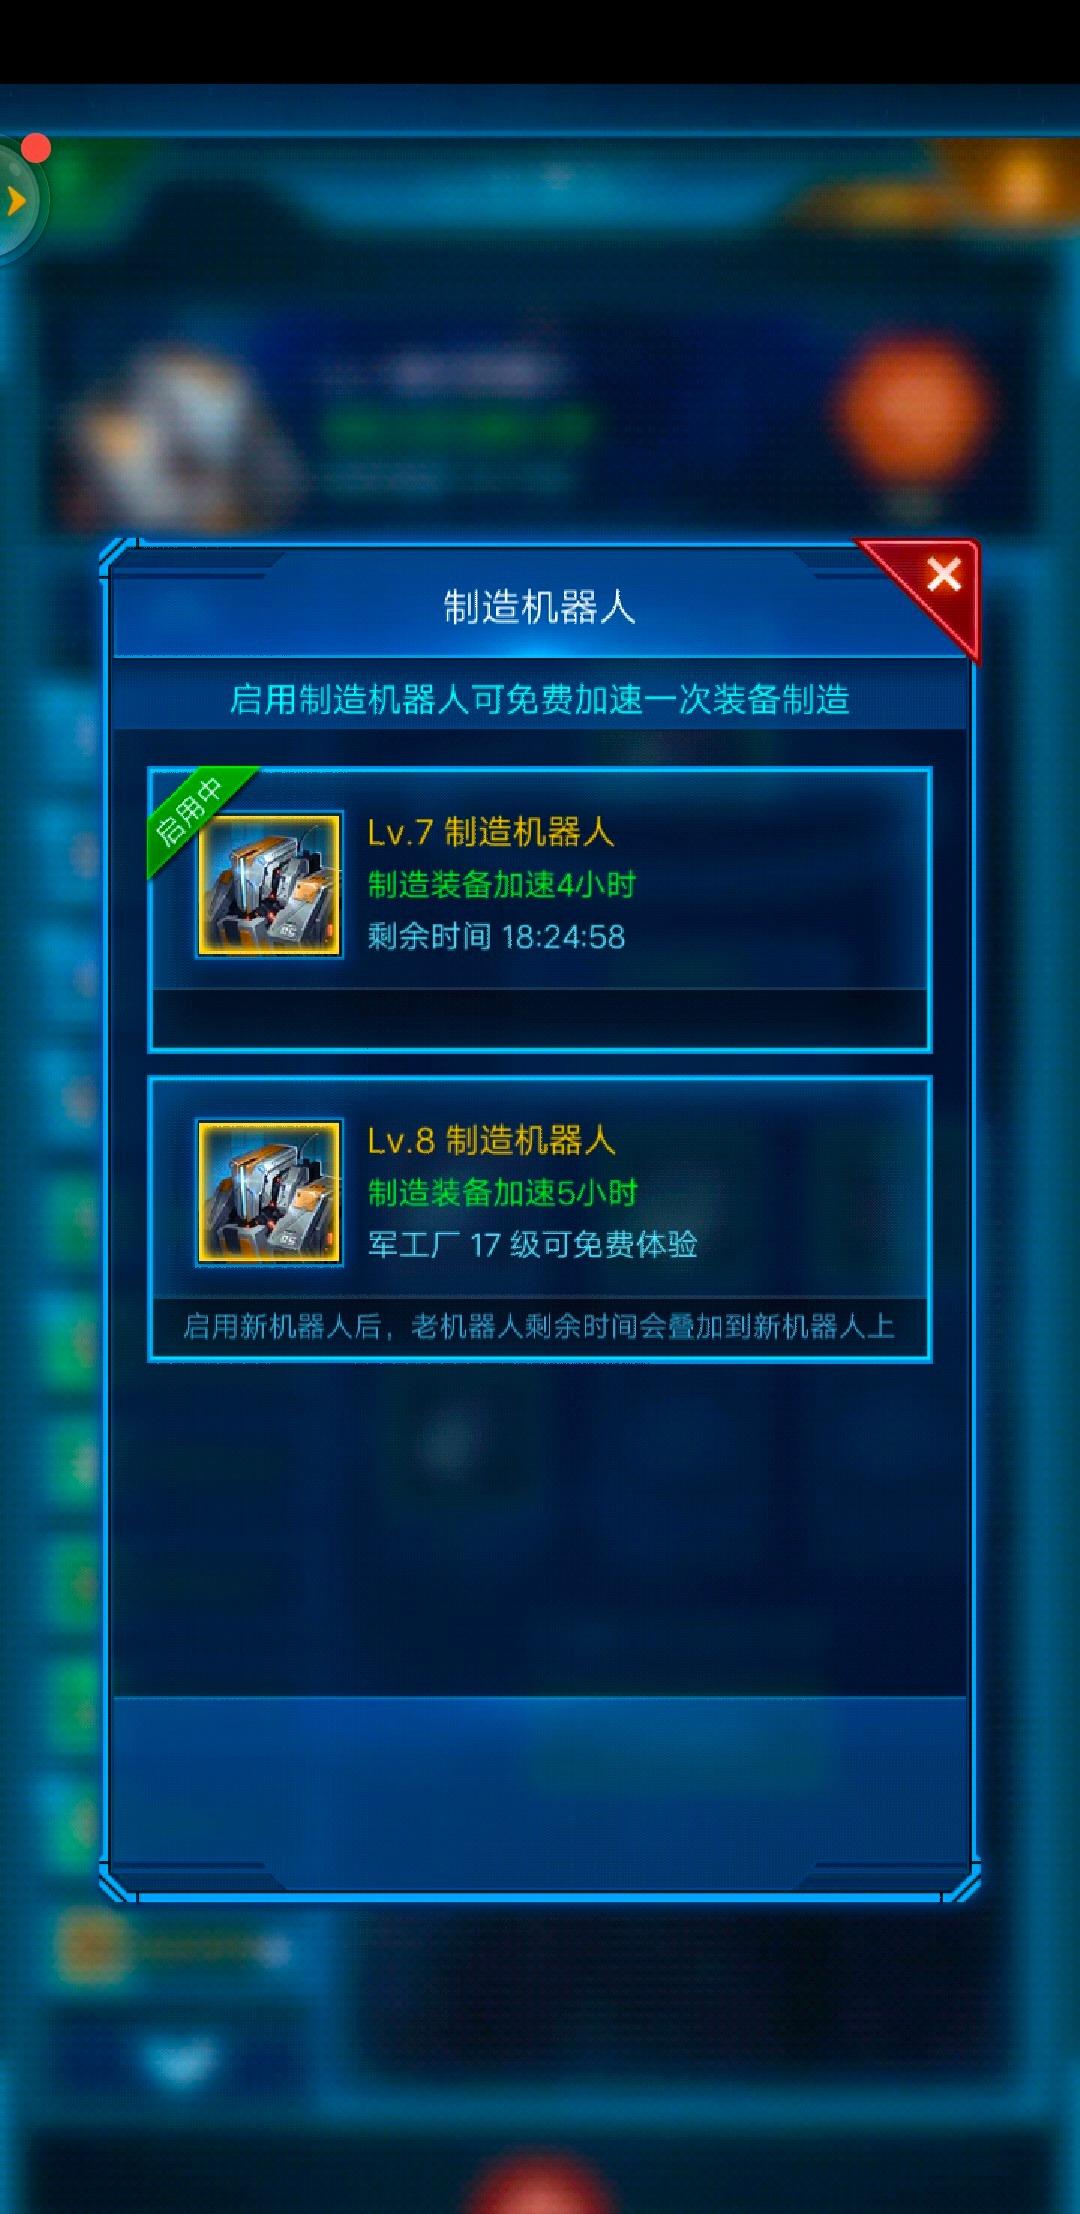 Screenshot_2019_0409_021415.jpg